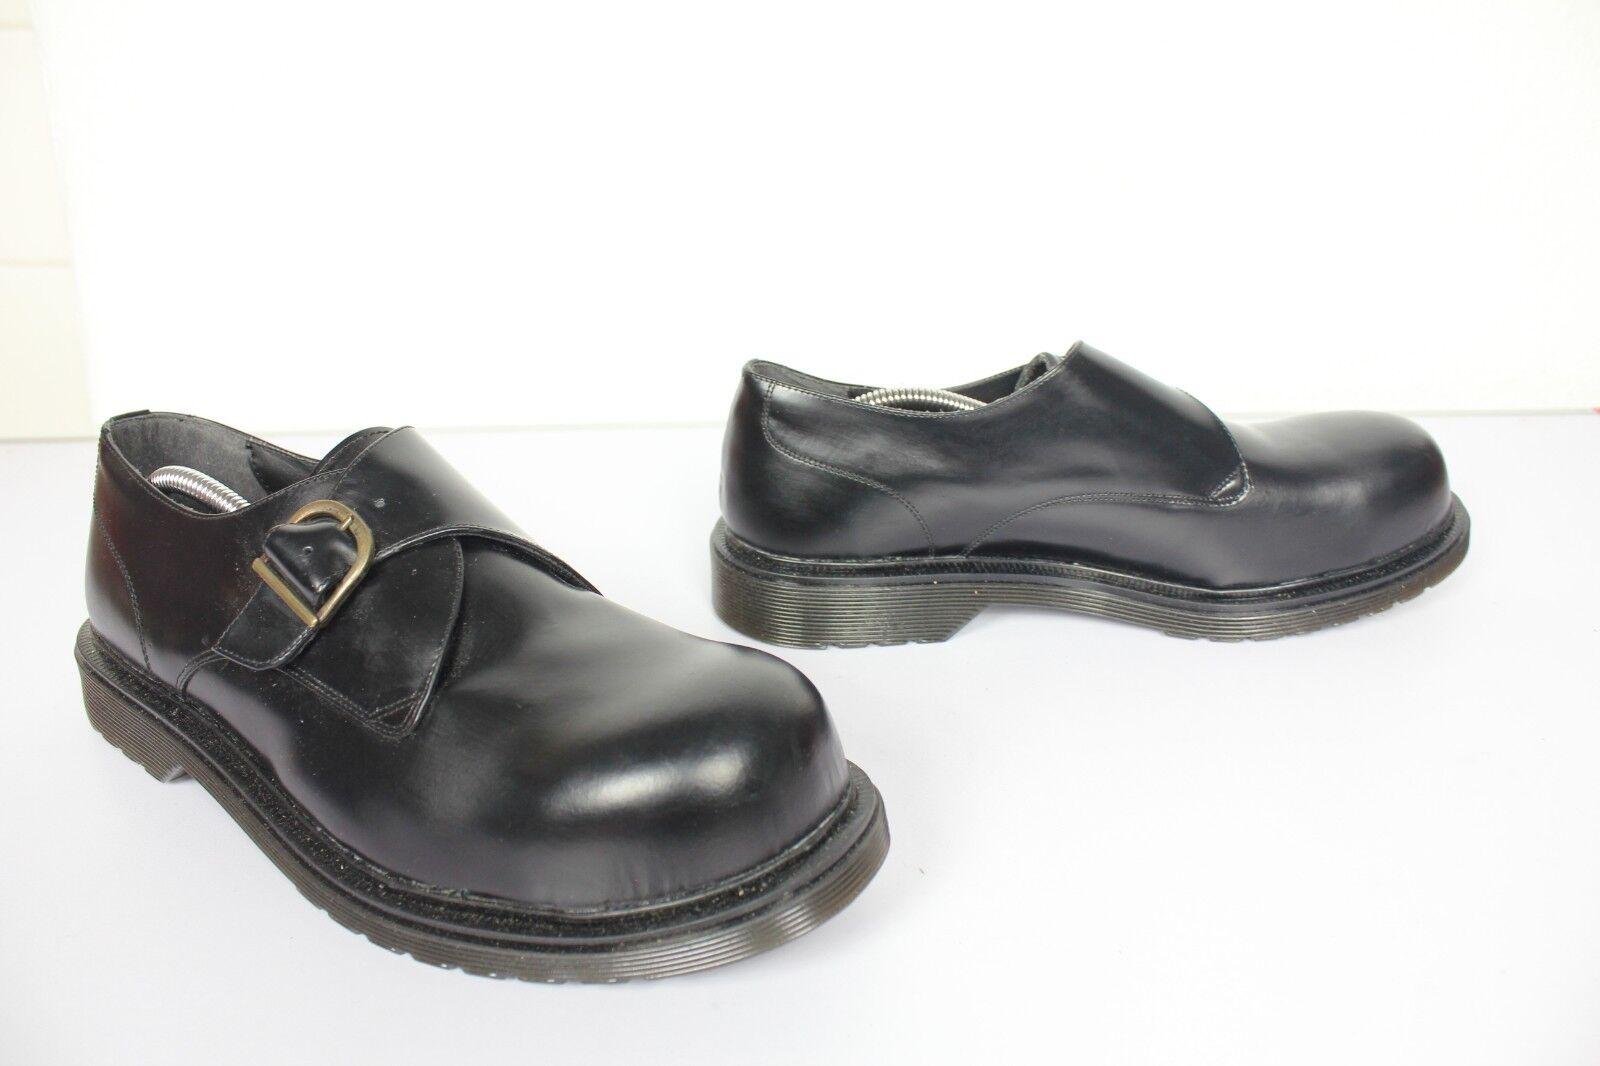 London Style Safety Monk Scarpe da nero uomo in vera pelle nero da eu:46 - NUOVO SENZA SCATOLA 39e83f